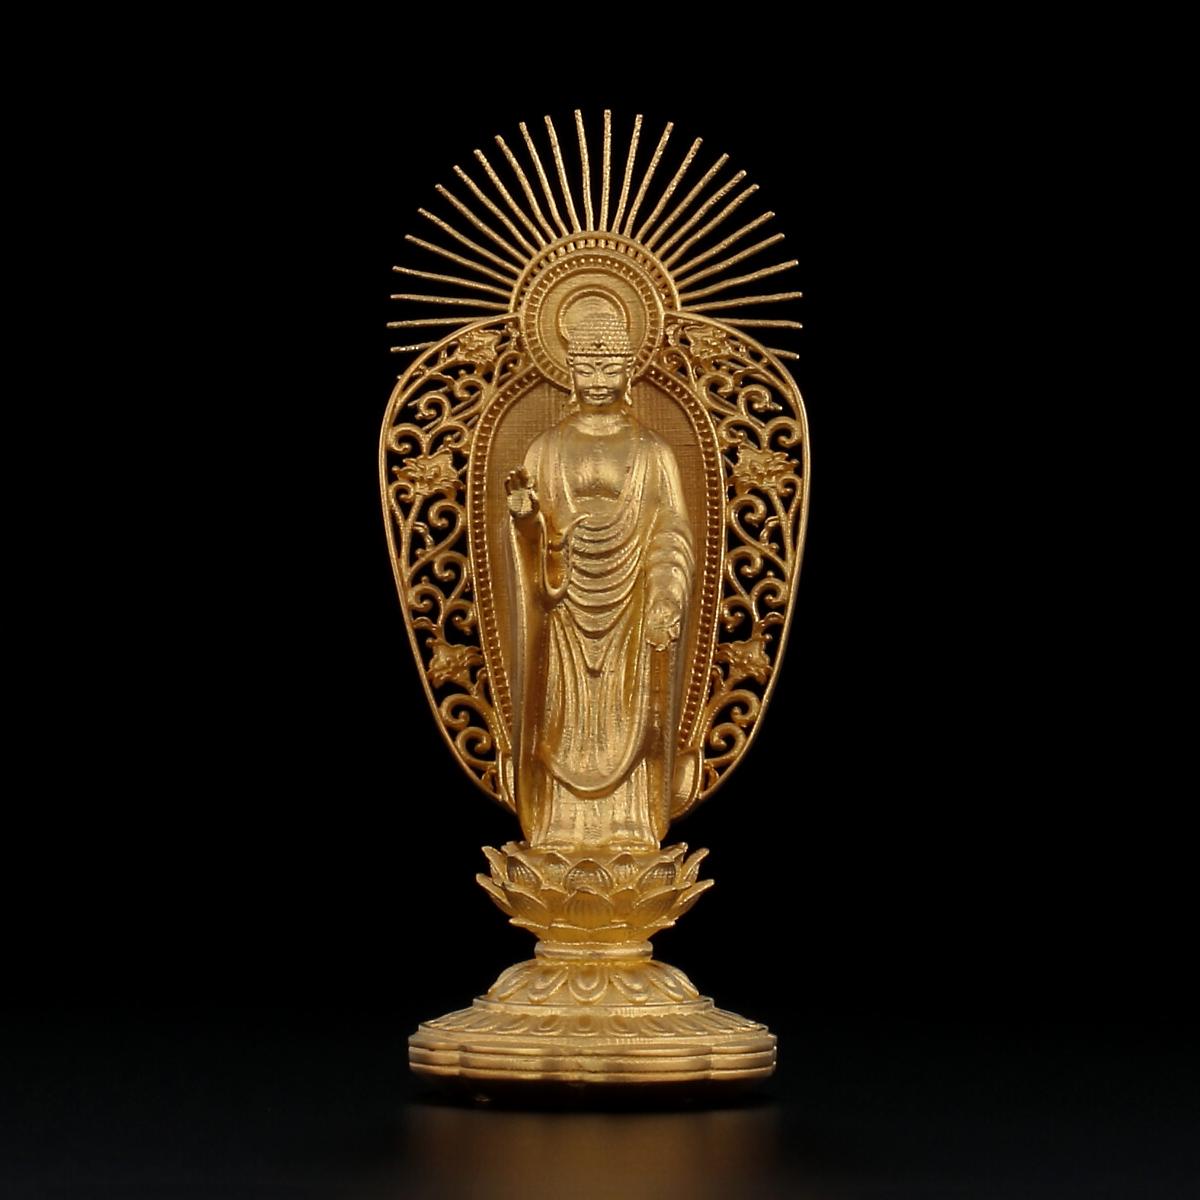 純金製 阿弥陀如来像 西